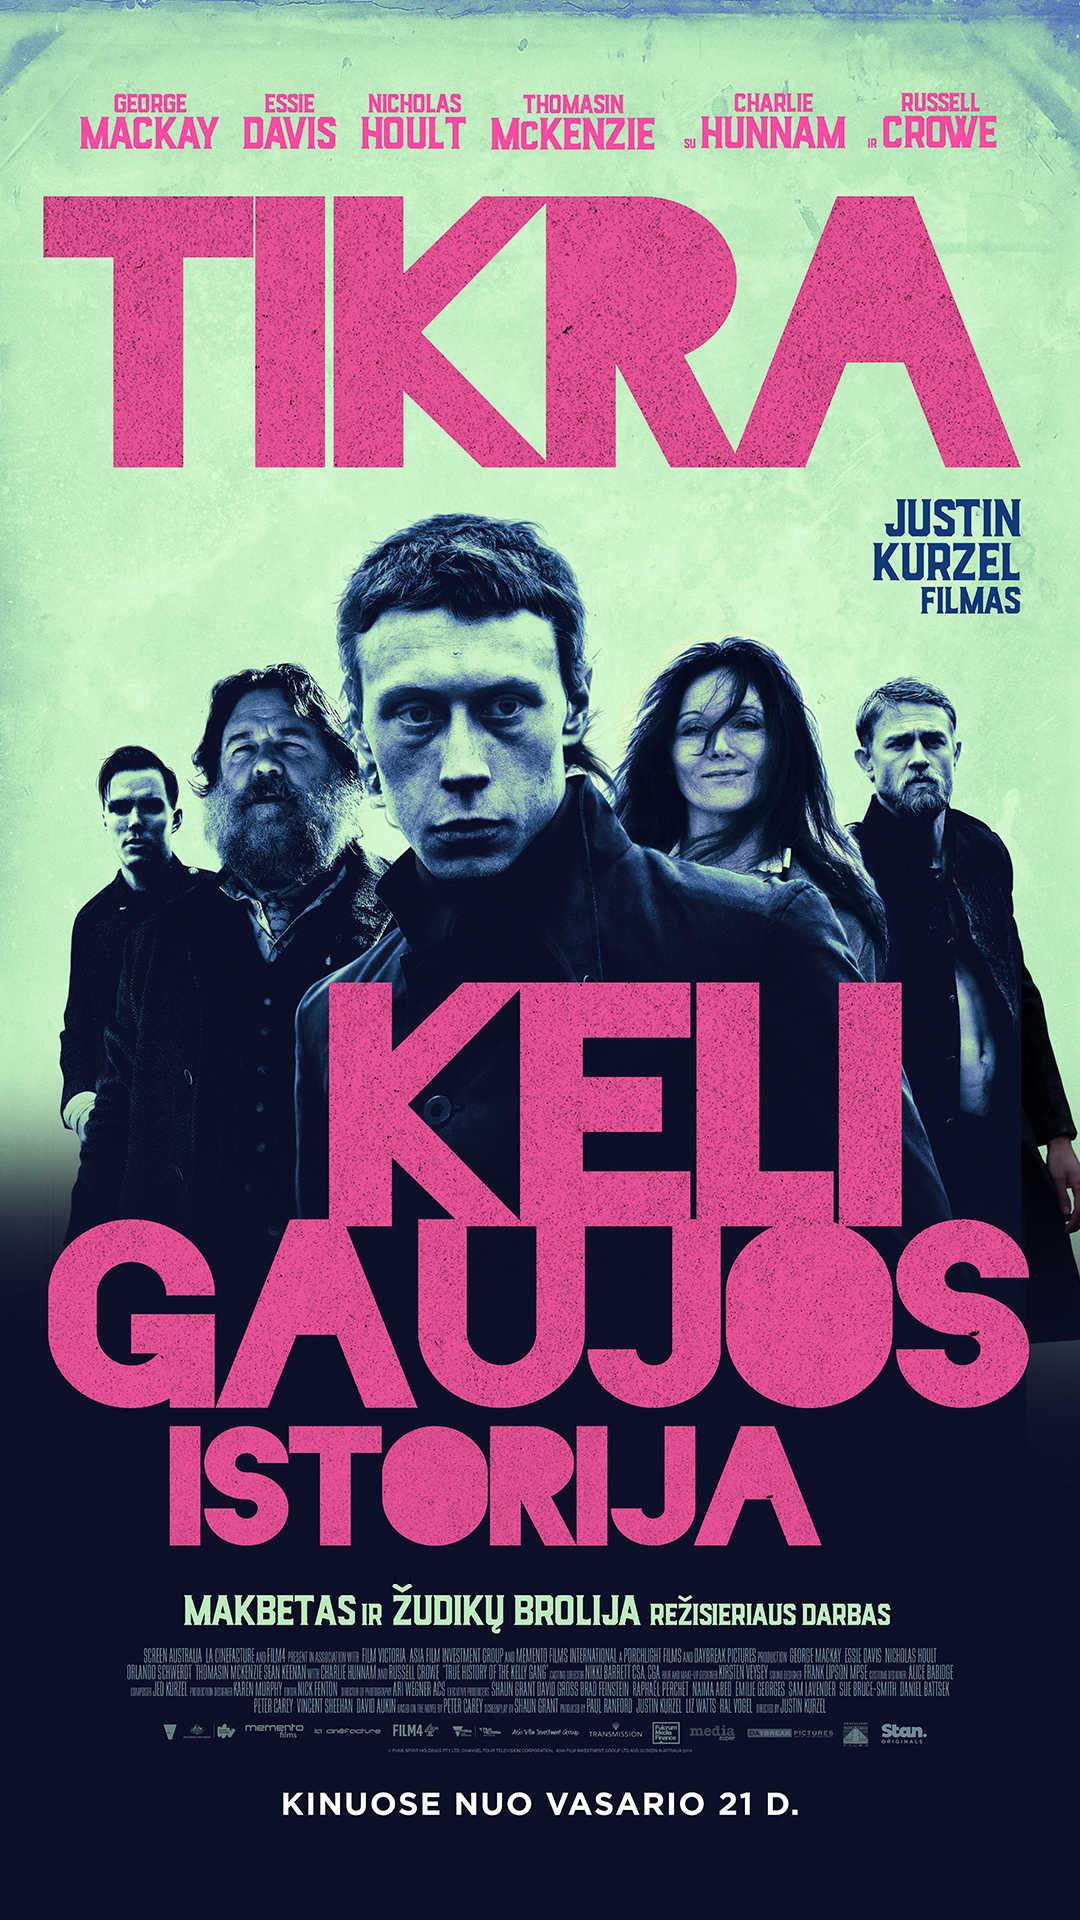 TIKRA KELI GAUJOS ISTORIJA (The True History Of Kelly Gang)